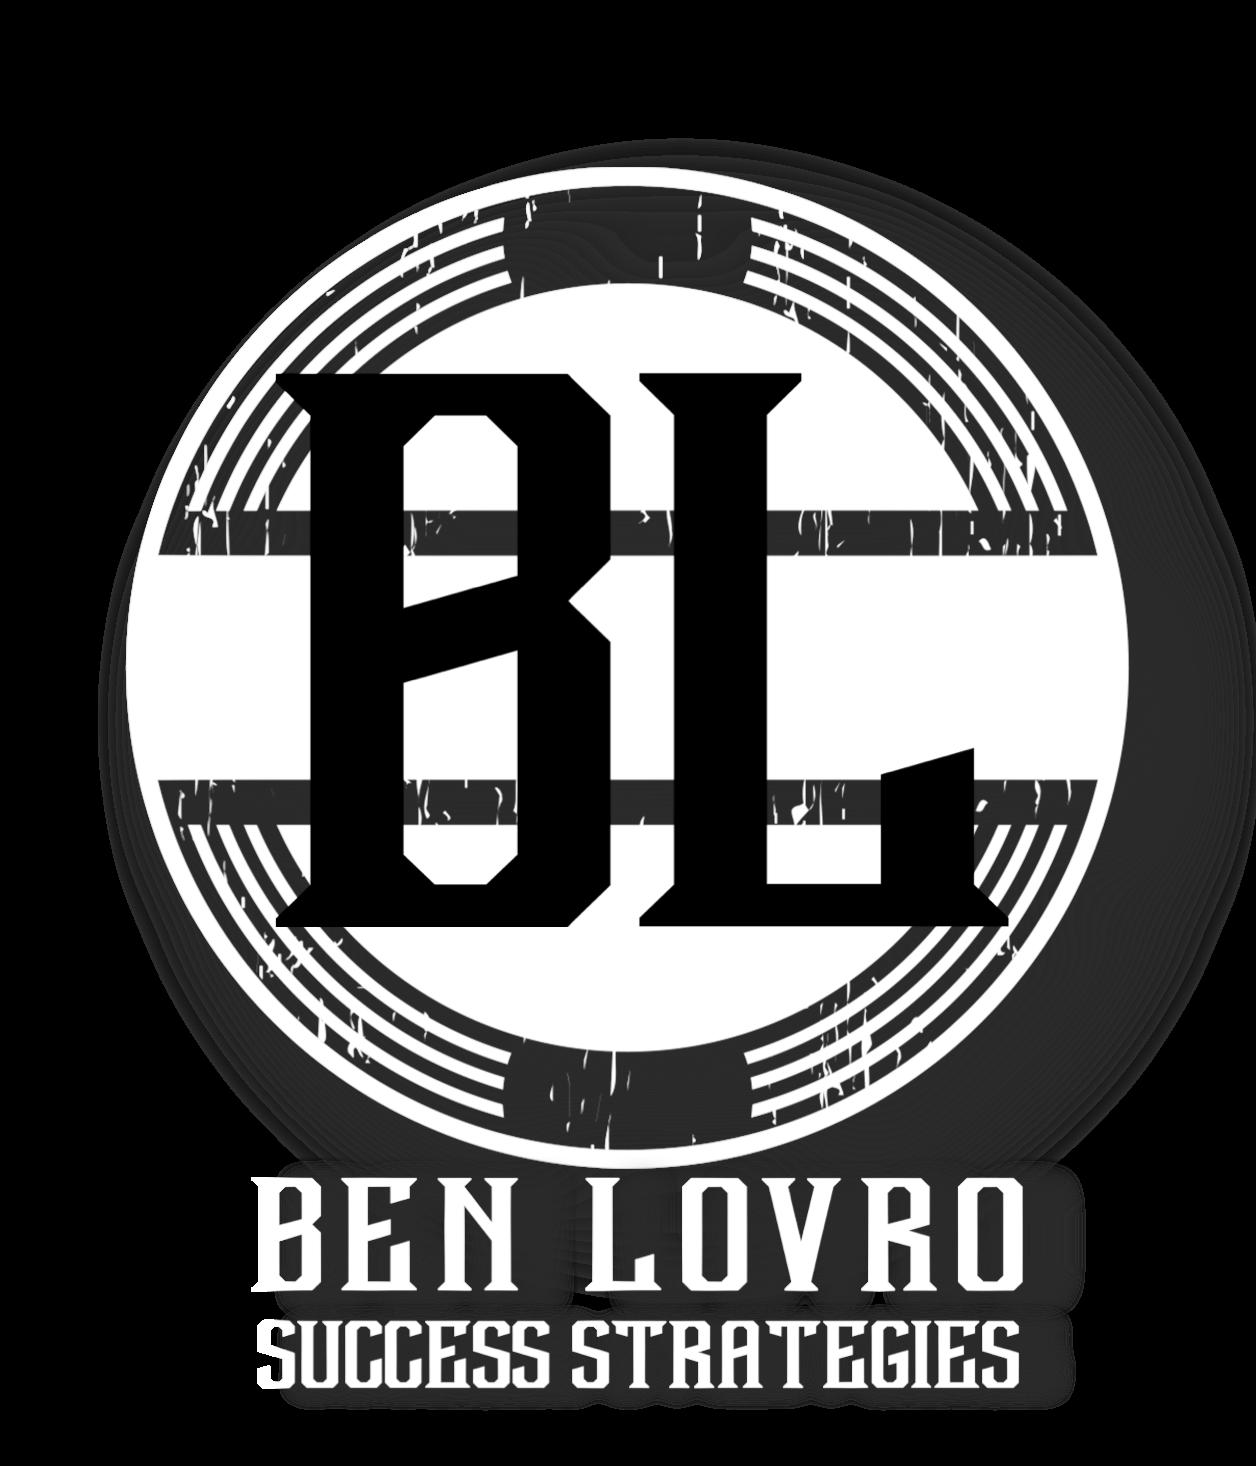 Ben Lovro Success Strategies